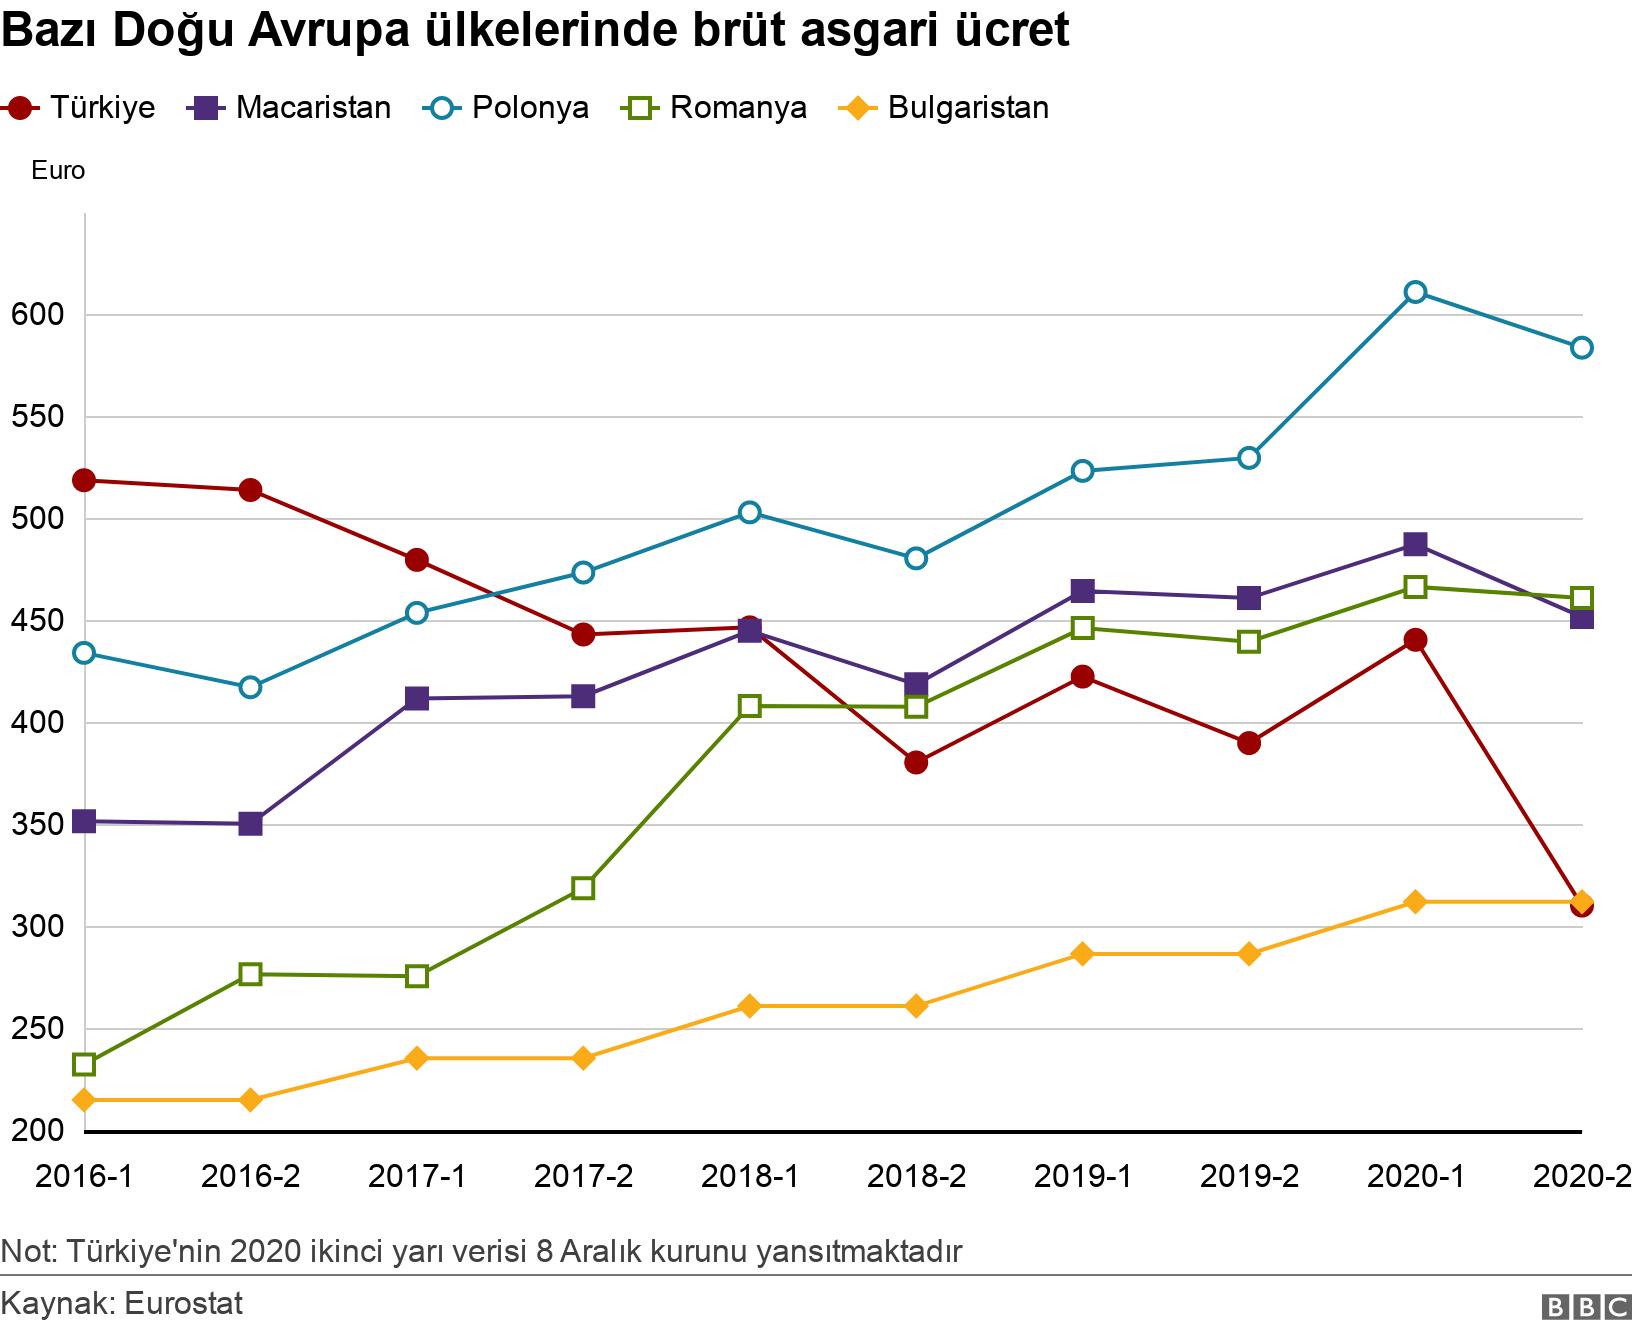 Bazı Doğu Avrupa ülkelerinde brüt asgari ücret. .  Not: Türkiye'nin 2020 ikinci yarı verisi 8 Aralık kurunu yansıtmaktadır.